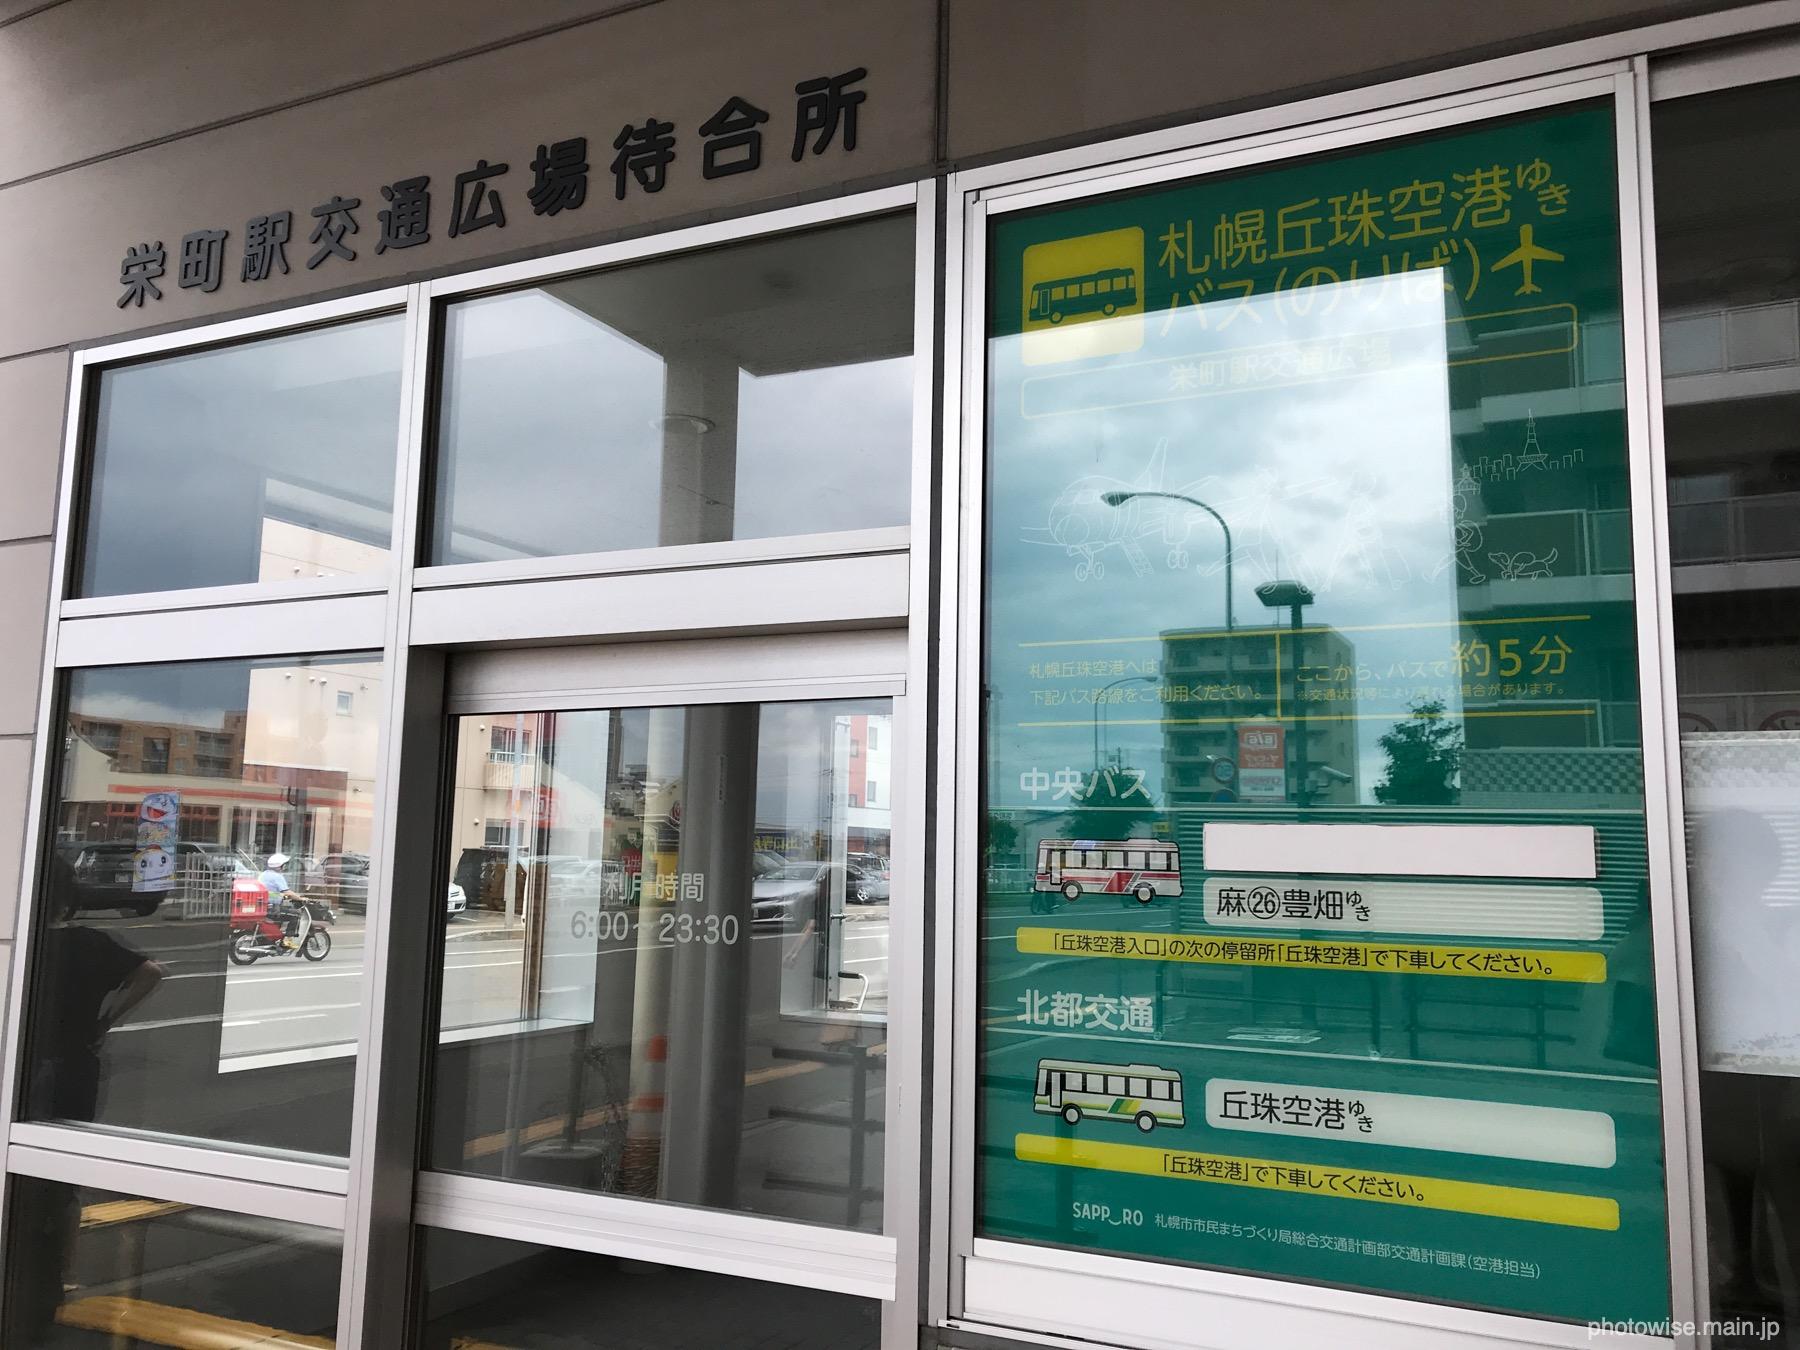 栄町の丘珠空港行きバス乗り場